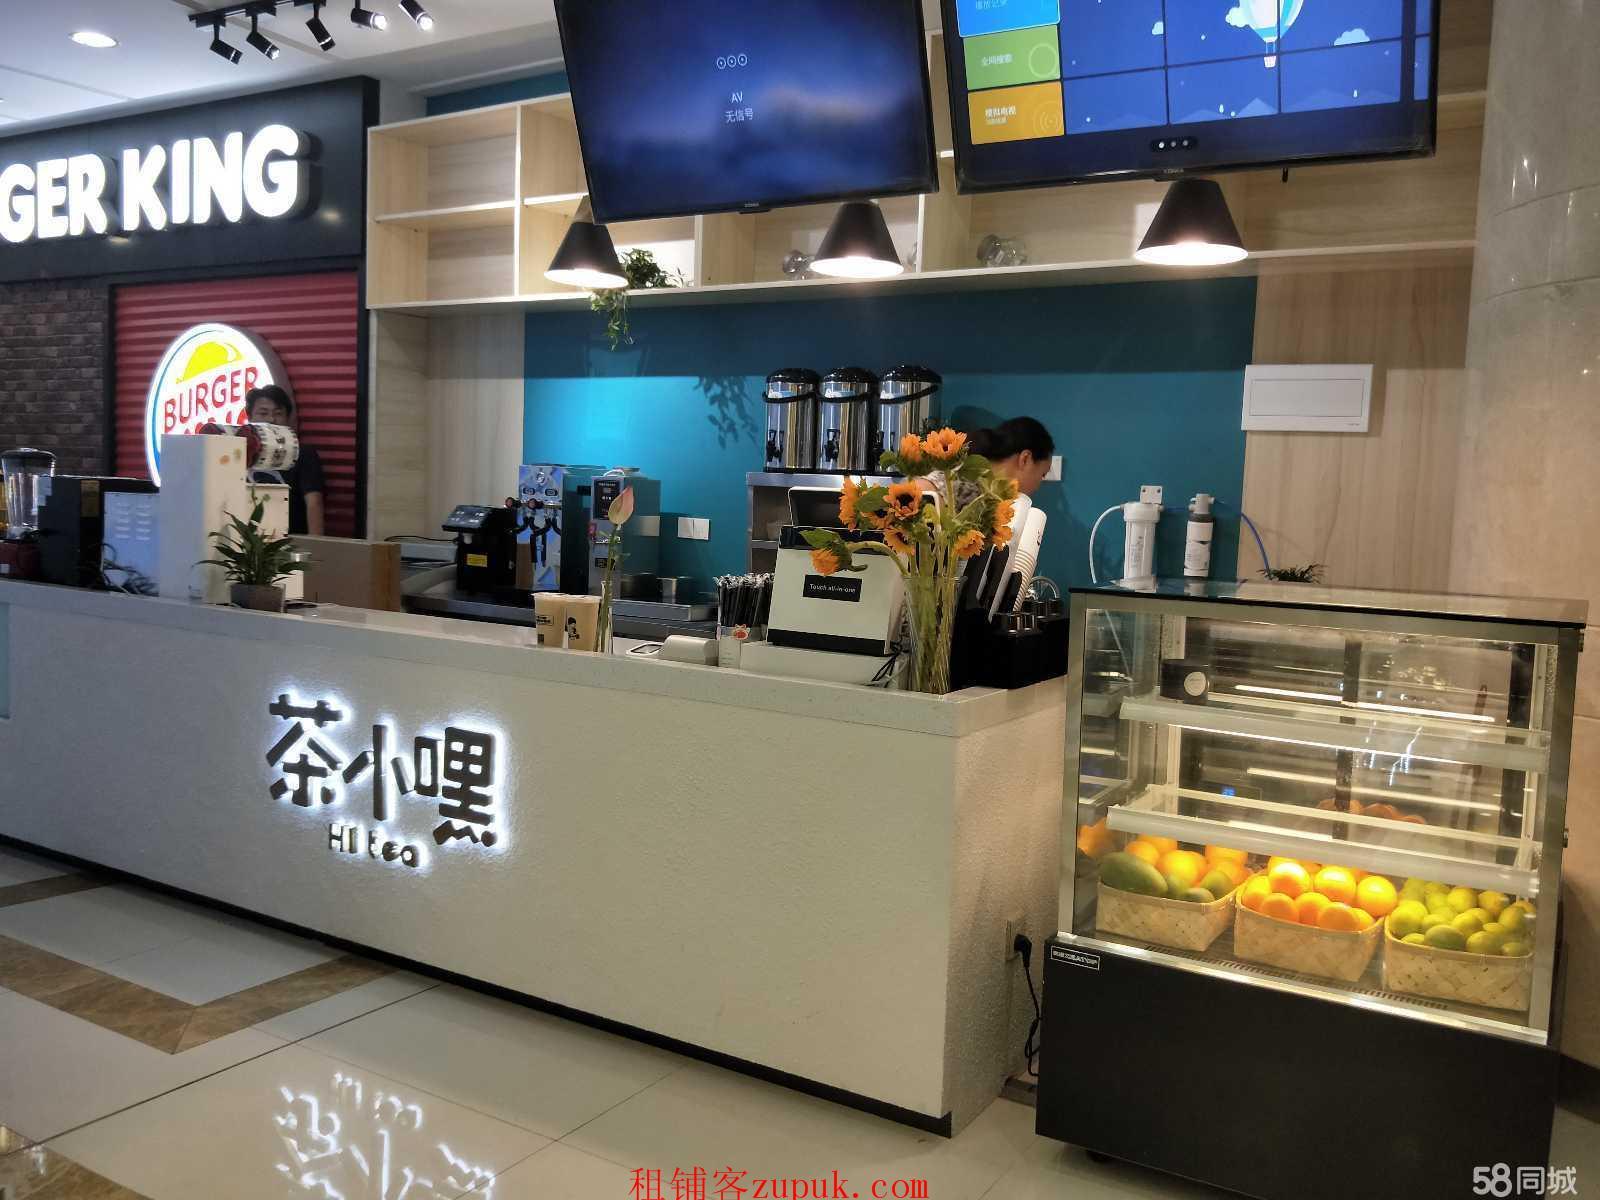 省电视台 荔枝广场 奶茶饮品店转让